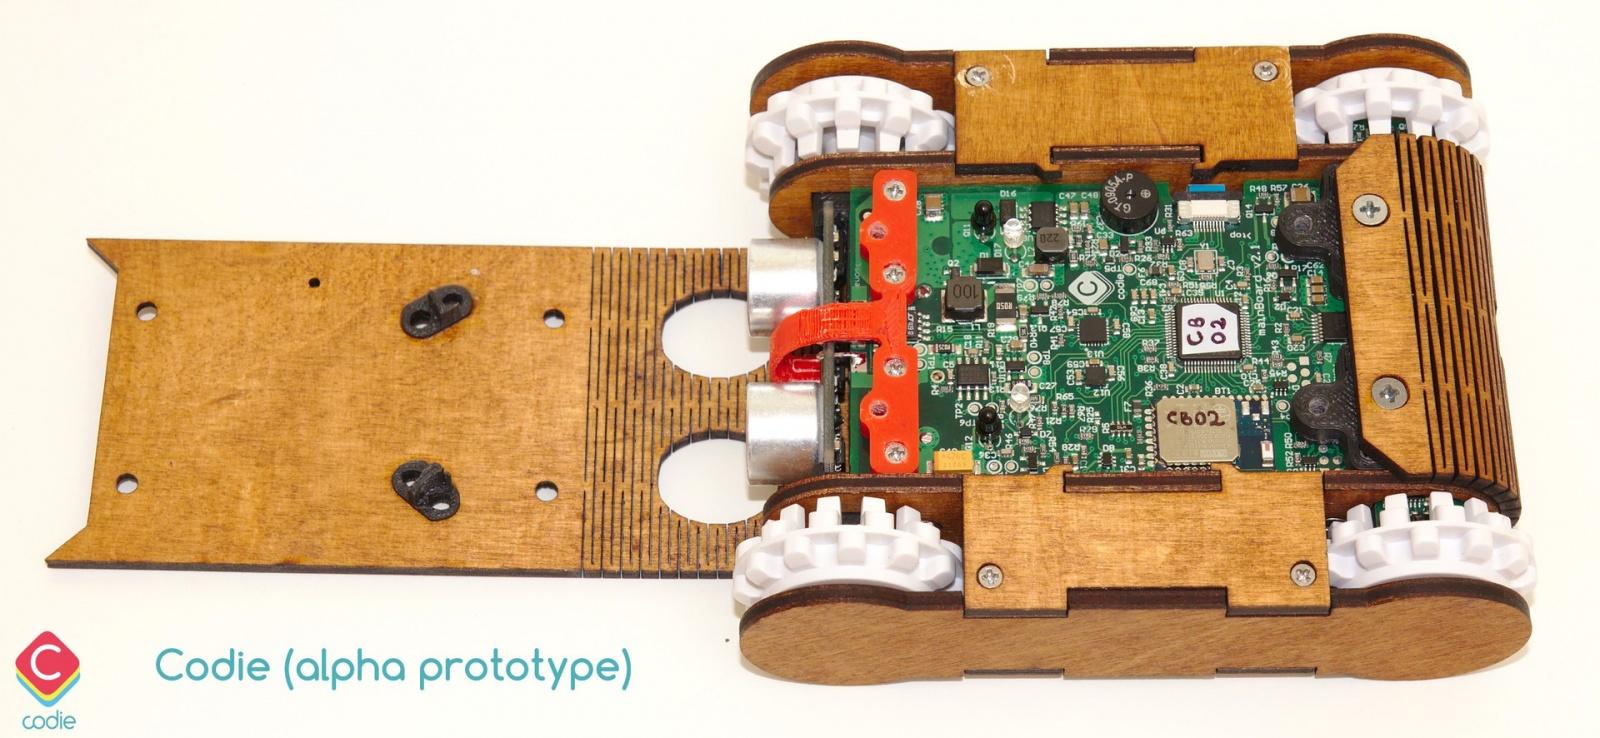 Codie — робот, который учит программировать - 3